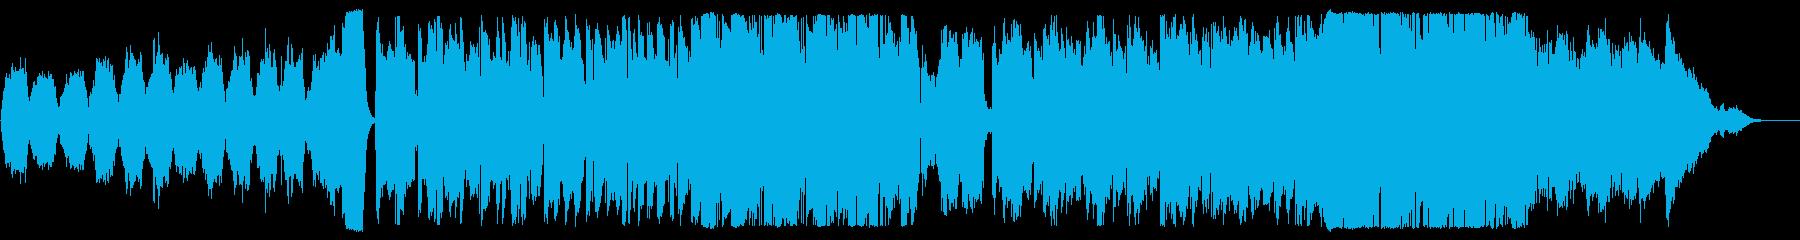 夏山をイメージしたインストの再生済みの波形